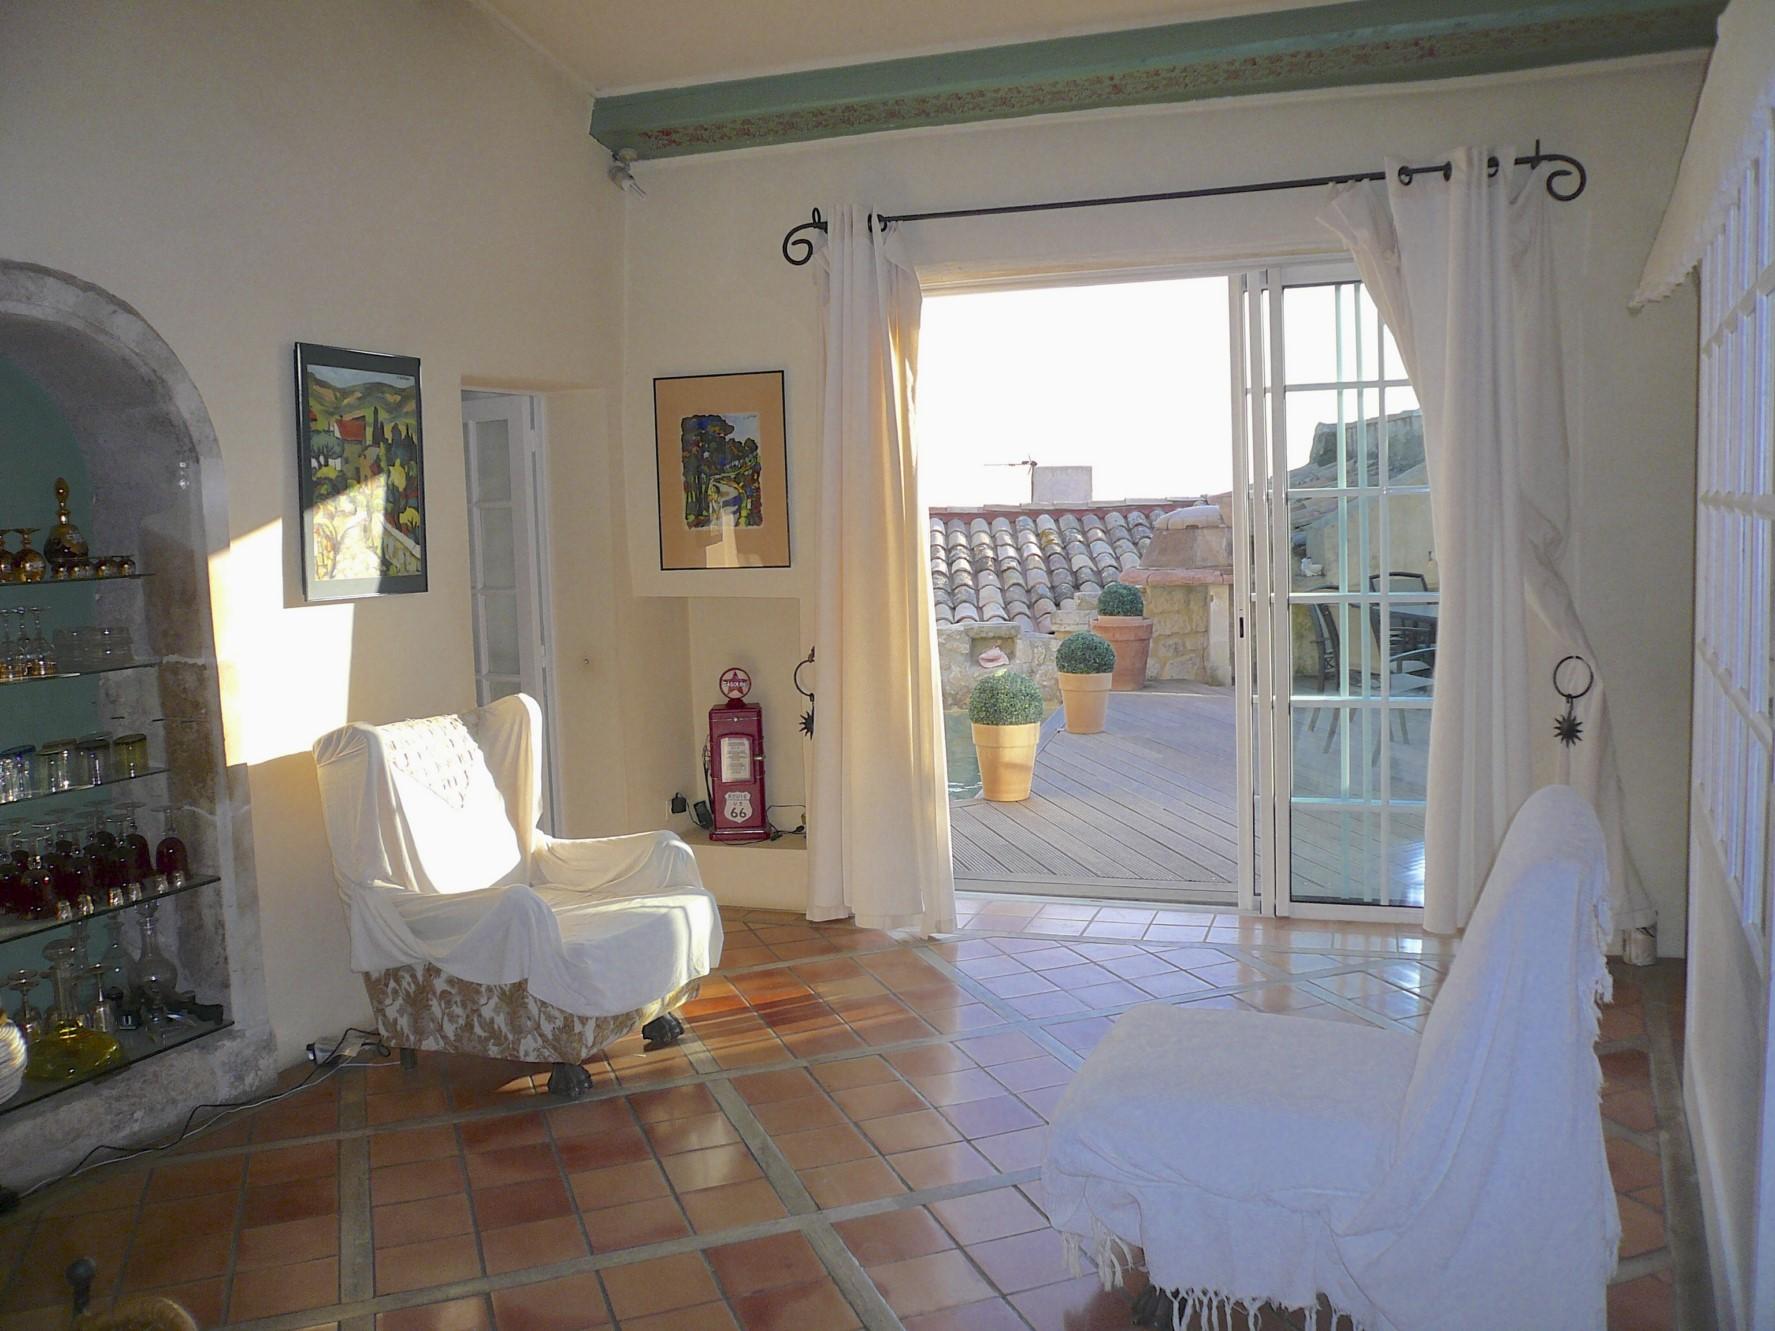 Maison atypique en pierres, au cœur d'un village de la Drôme Provençale